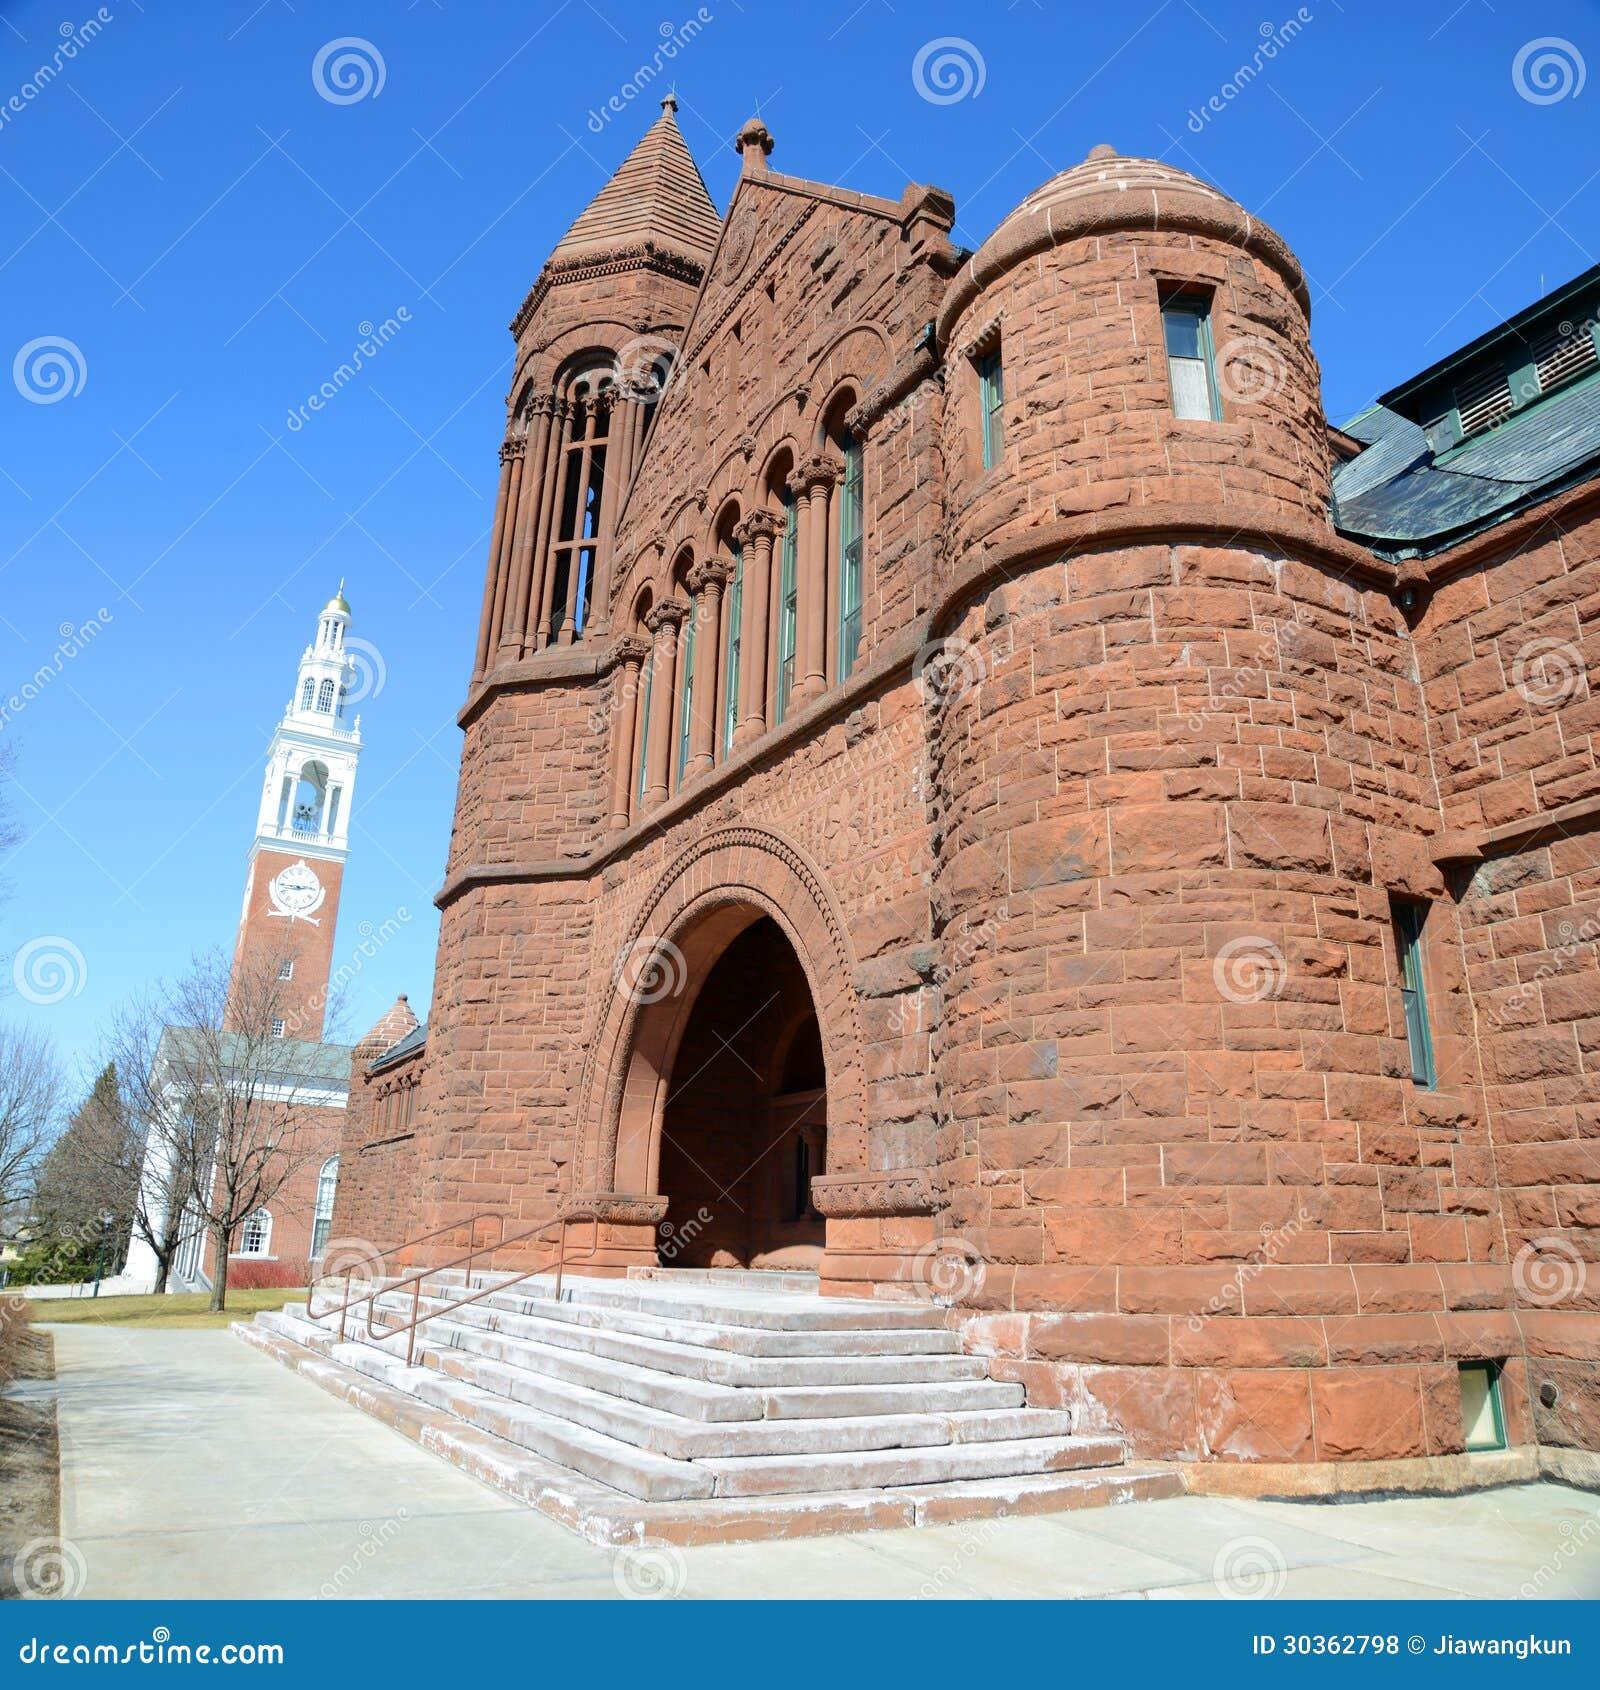 Выписывания счетов мемориальная библиотека, университет Вермонта, Burlington